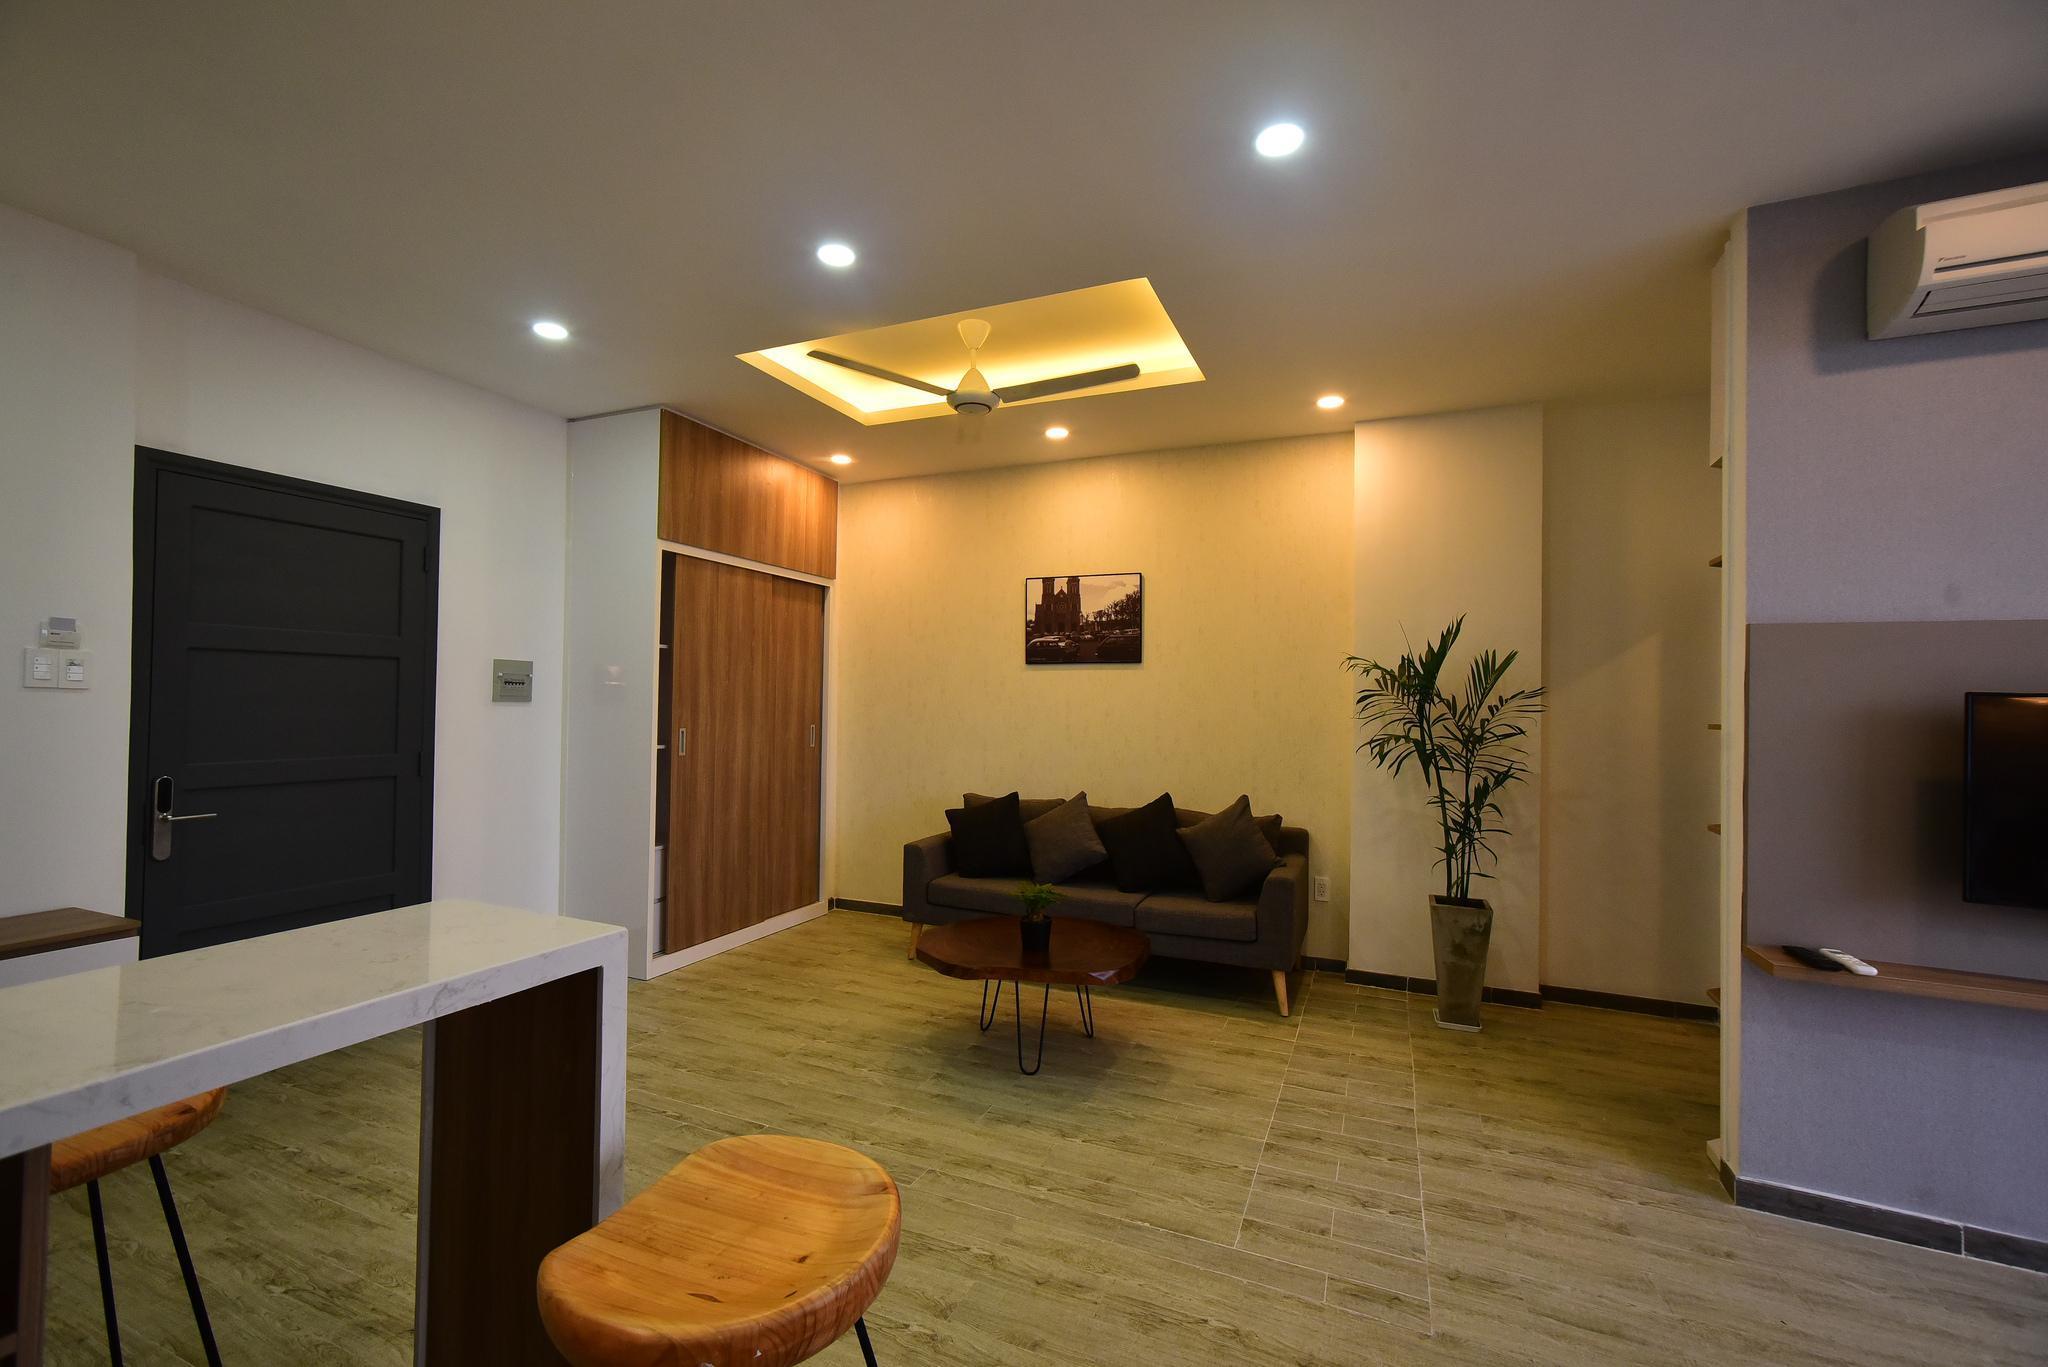 Karta Riverview  Minimalist Studio Mekong Delta 46